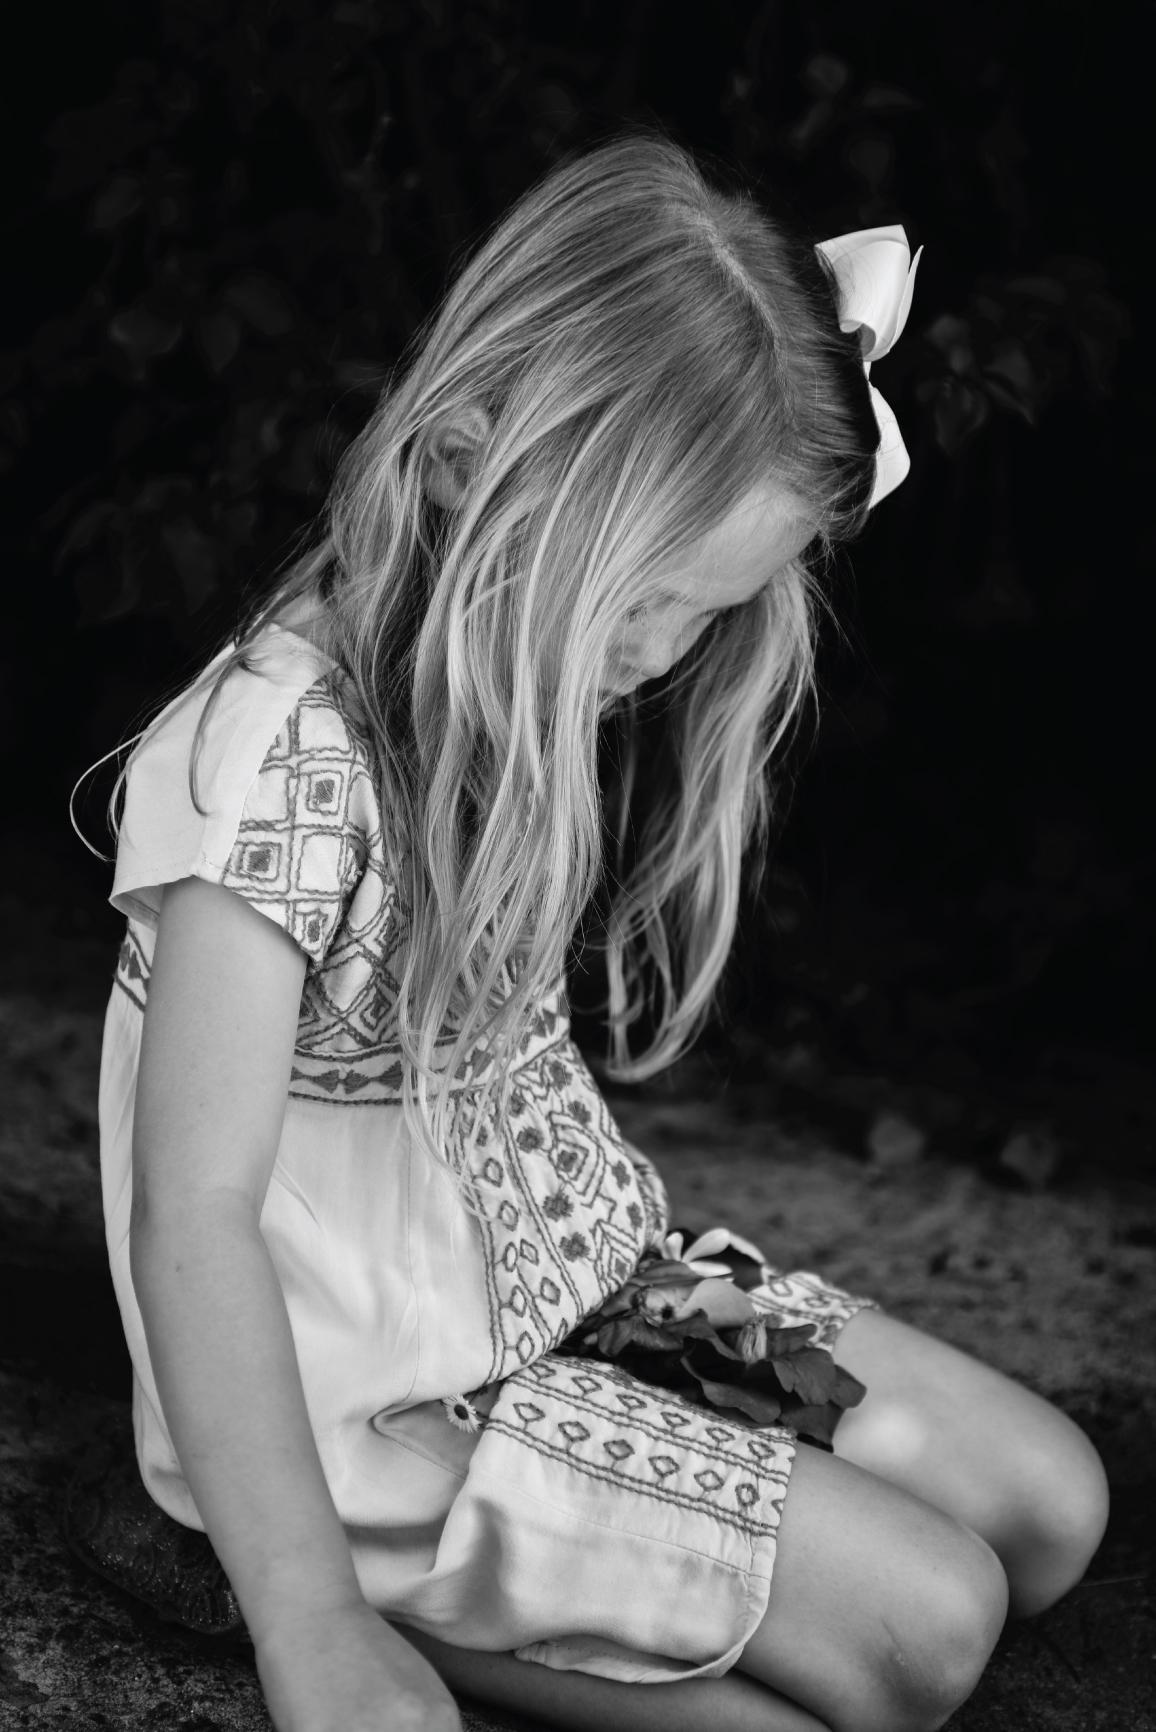 lifestyle children photography, children photography, ashley marie myers, photographing children, how to photograph children, summer, old navy, jellies, children photos, photography of children